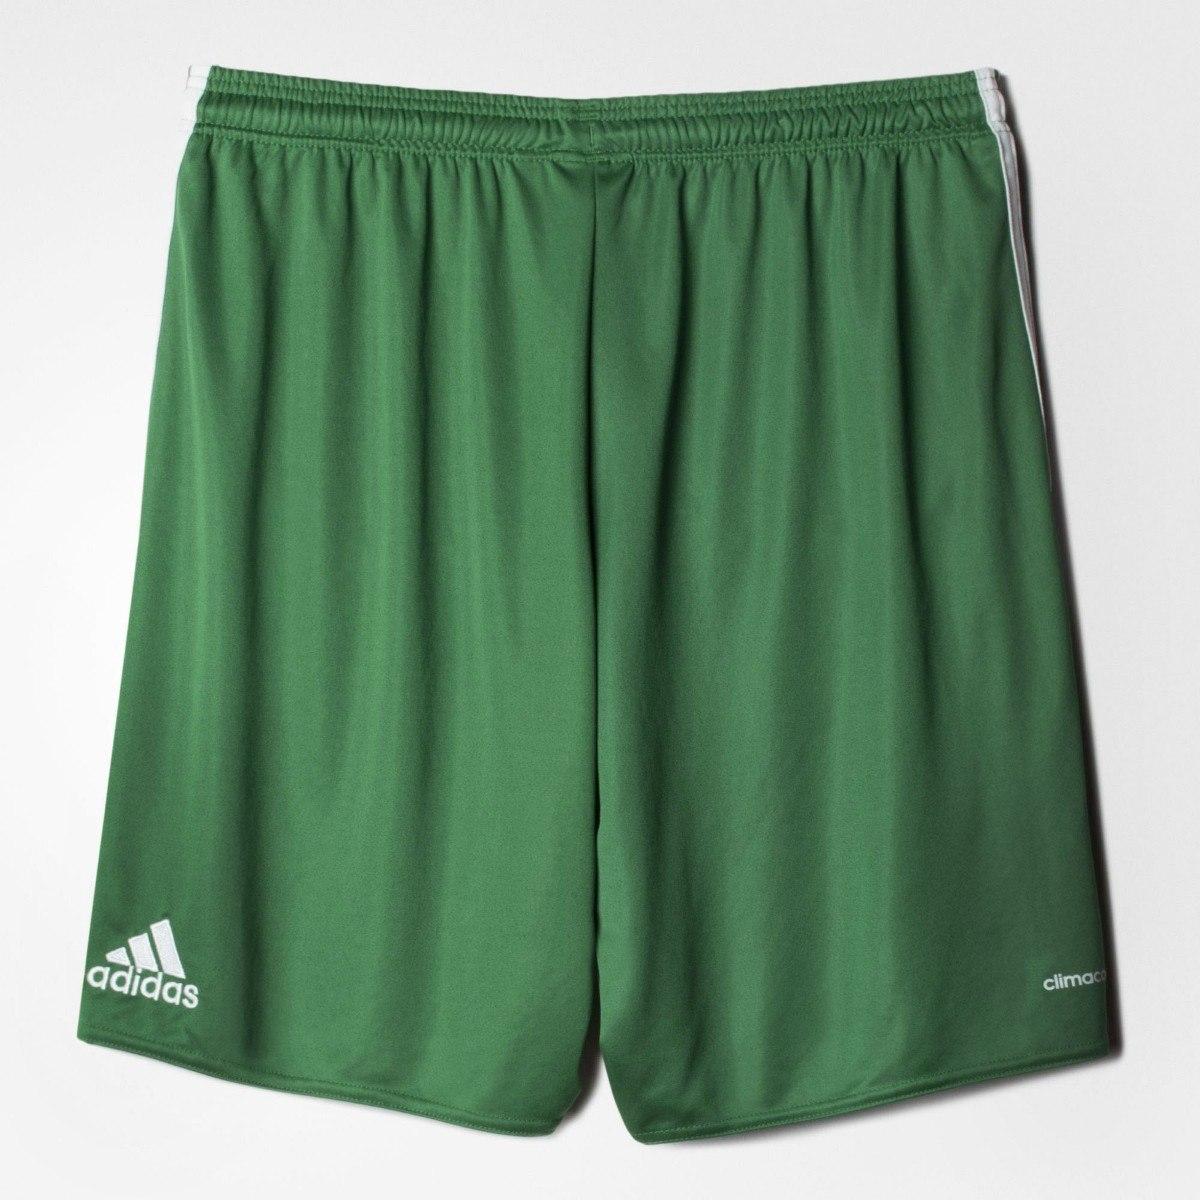 shorts palmeiras 2 adidas bermuda calção futebol climacool. Carregando zoom. 0fa2968ba0577